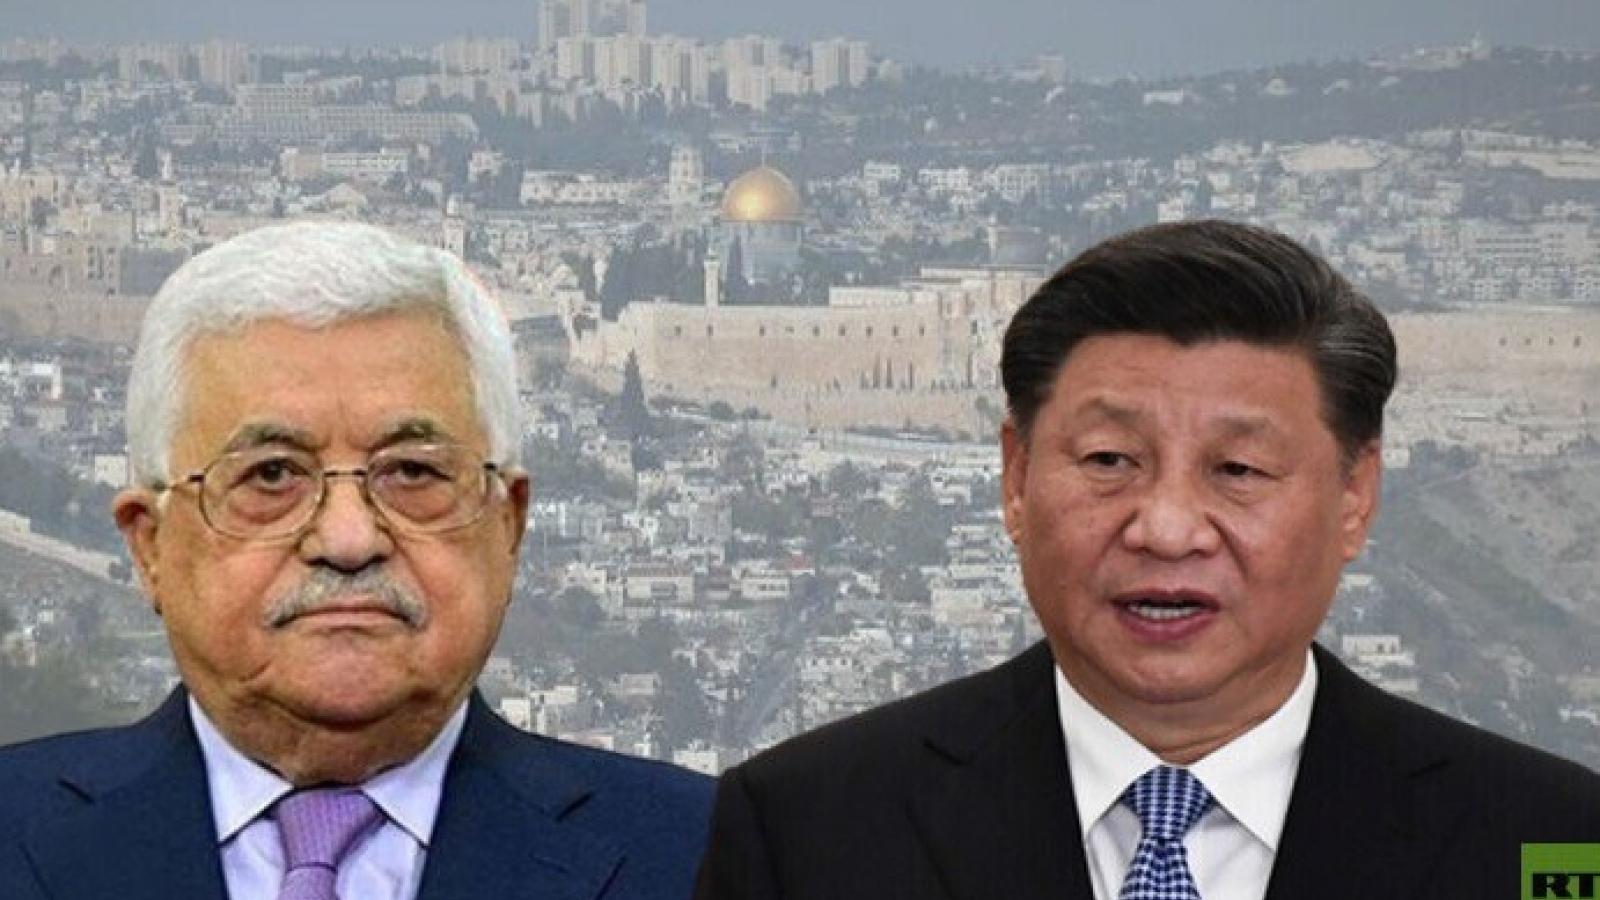 Trung Quốc, Ai Cập khẳng định lập trường ủng hộ Palestine